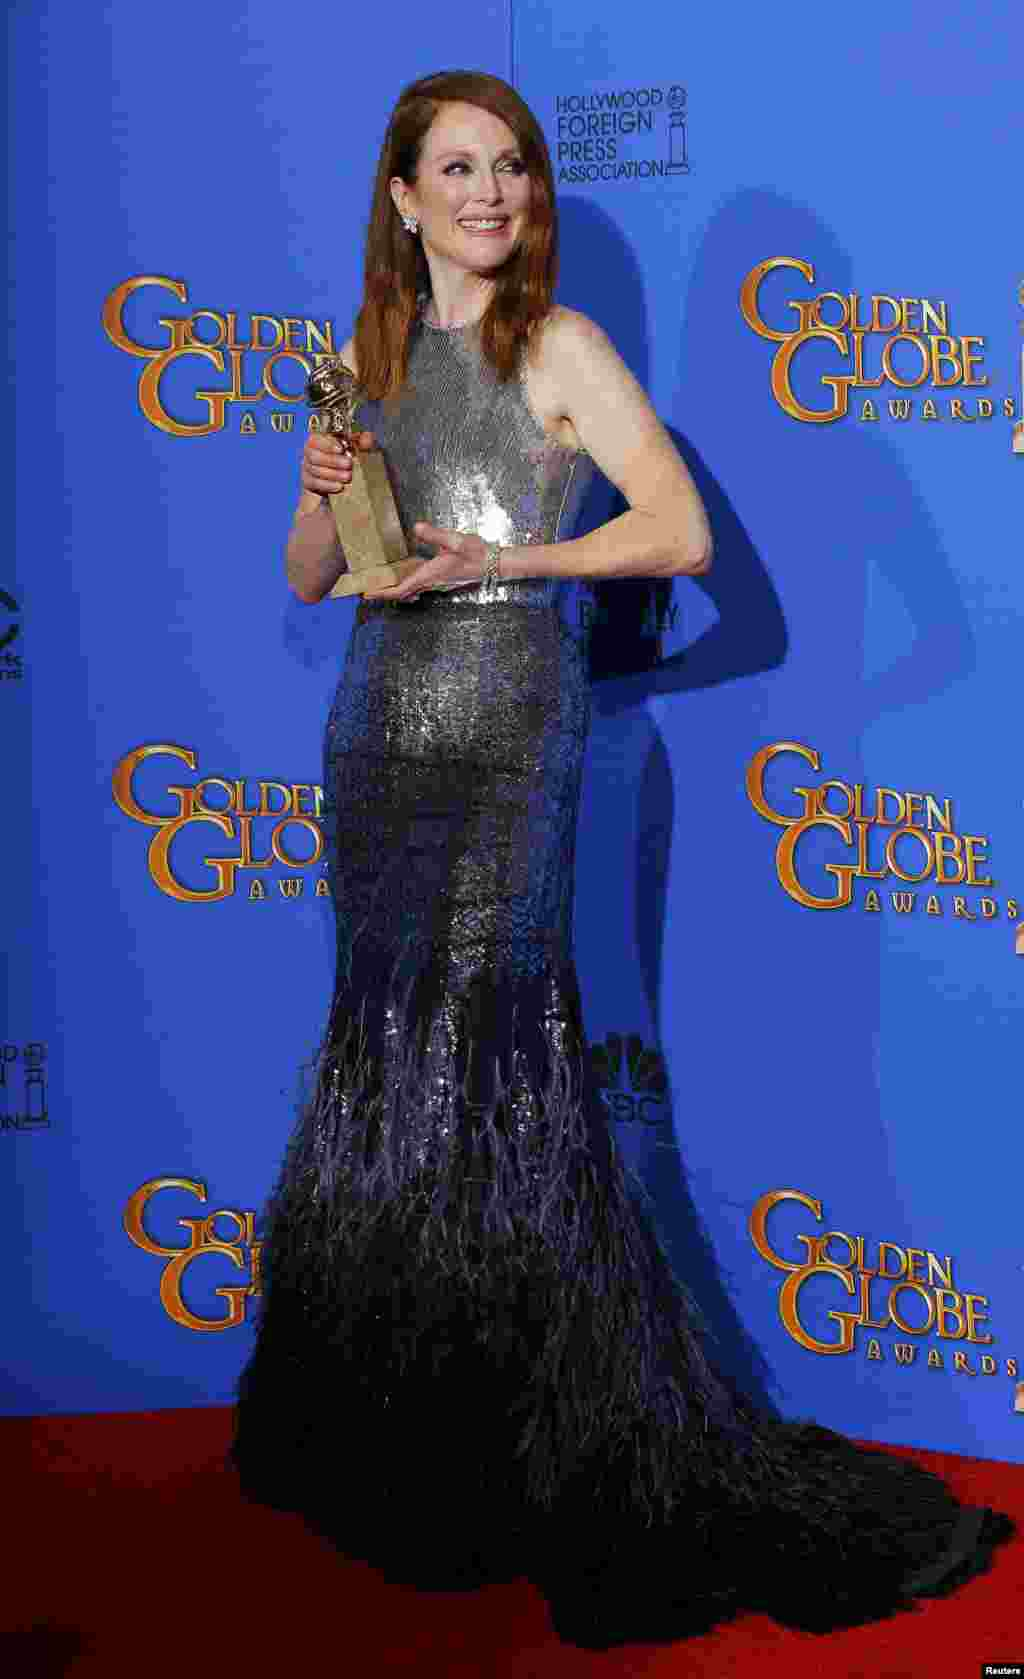 جولین مور٬ بهترین بازیگر نقش اول زن در فیلم درام.